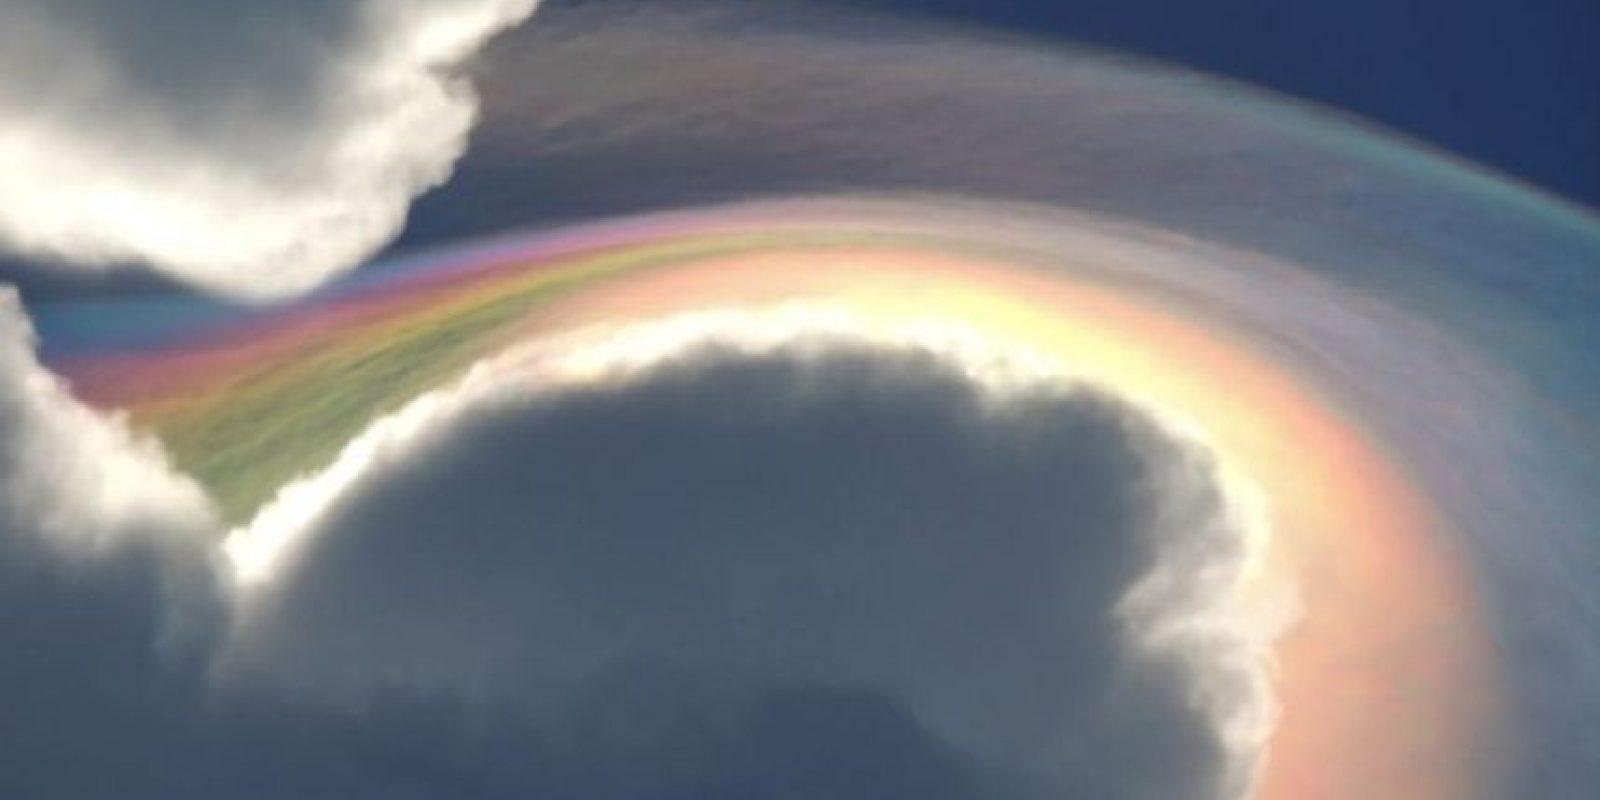 5. Este fenómeno se conoce como nube iridesente, fue registrada en Jamaica este mes Foto:Vía Facebook.com/beckie.dunning